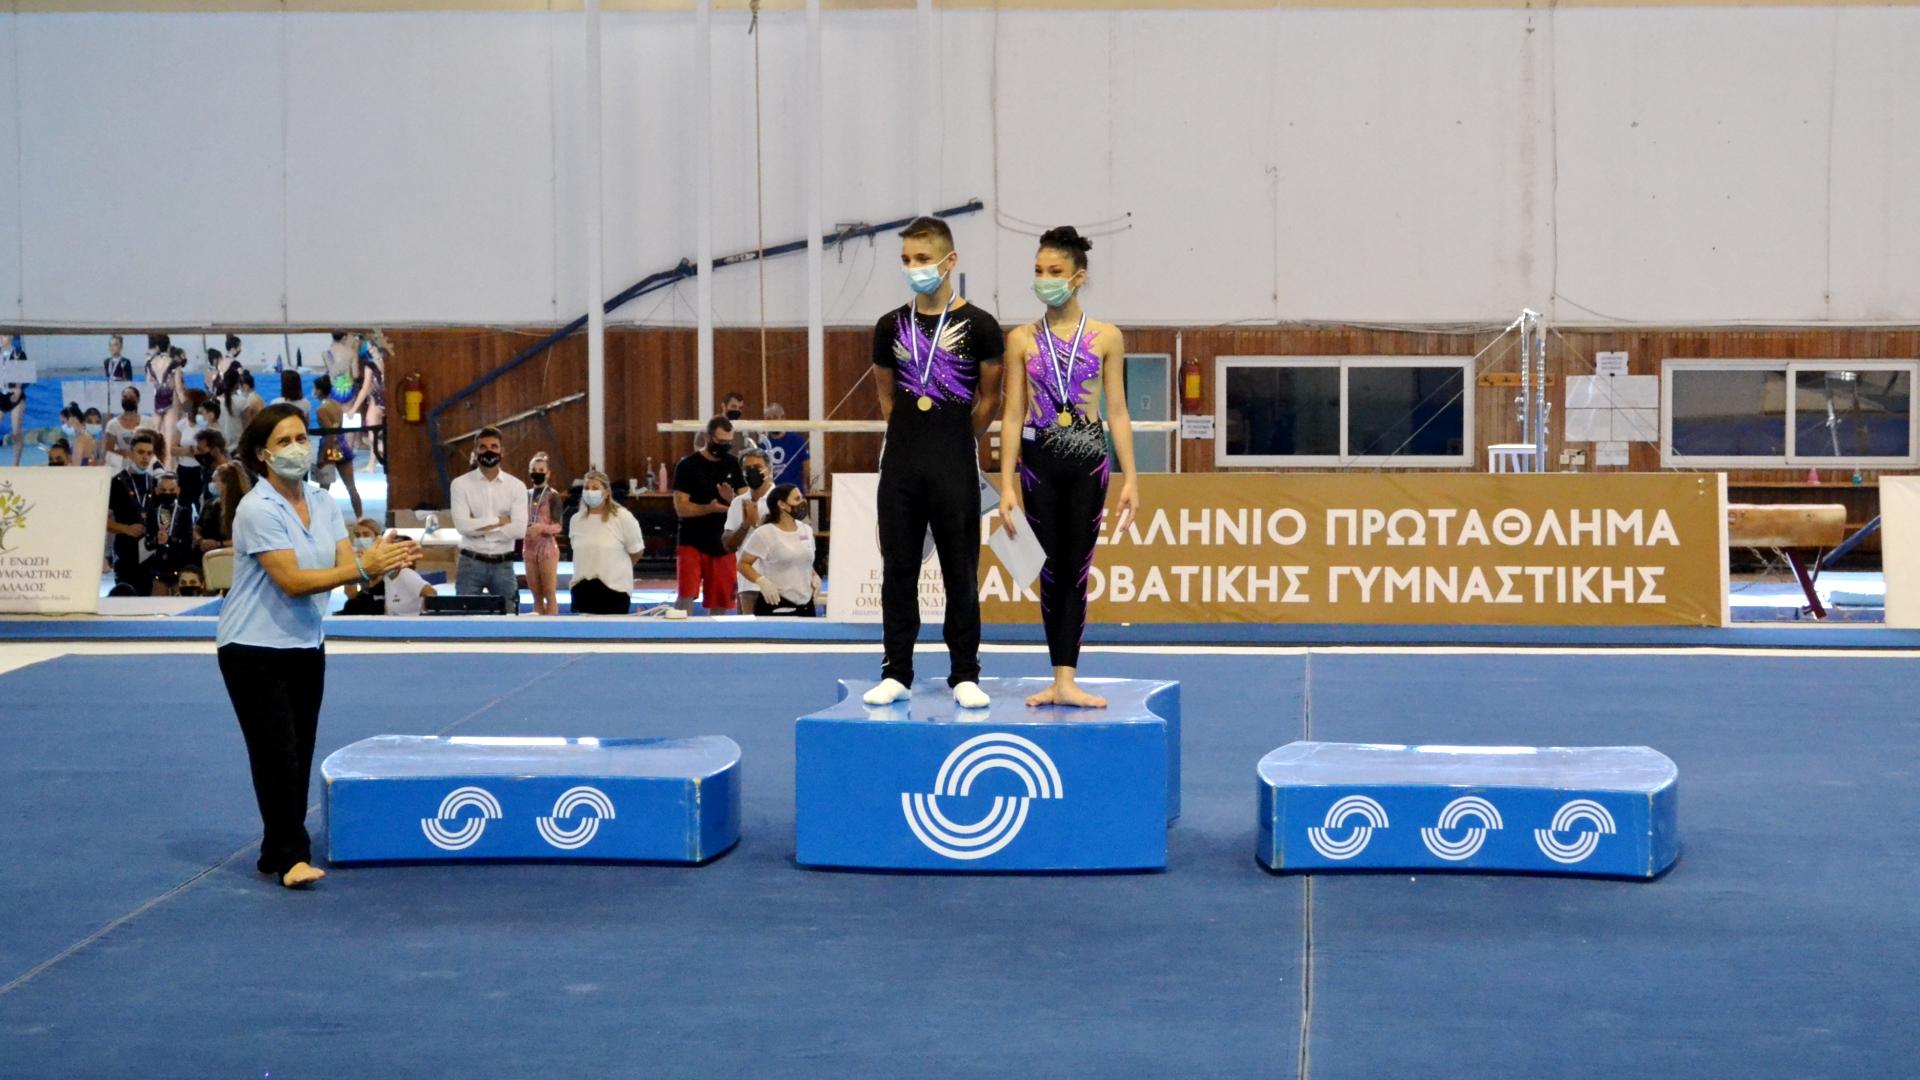 acro-panellinio-2021-08